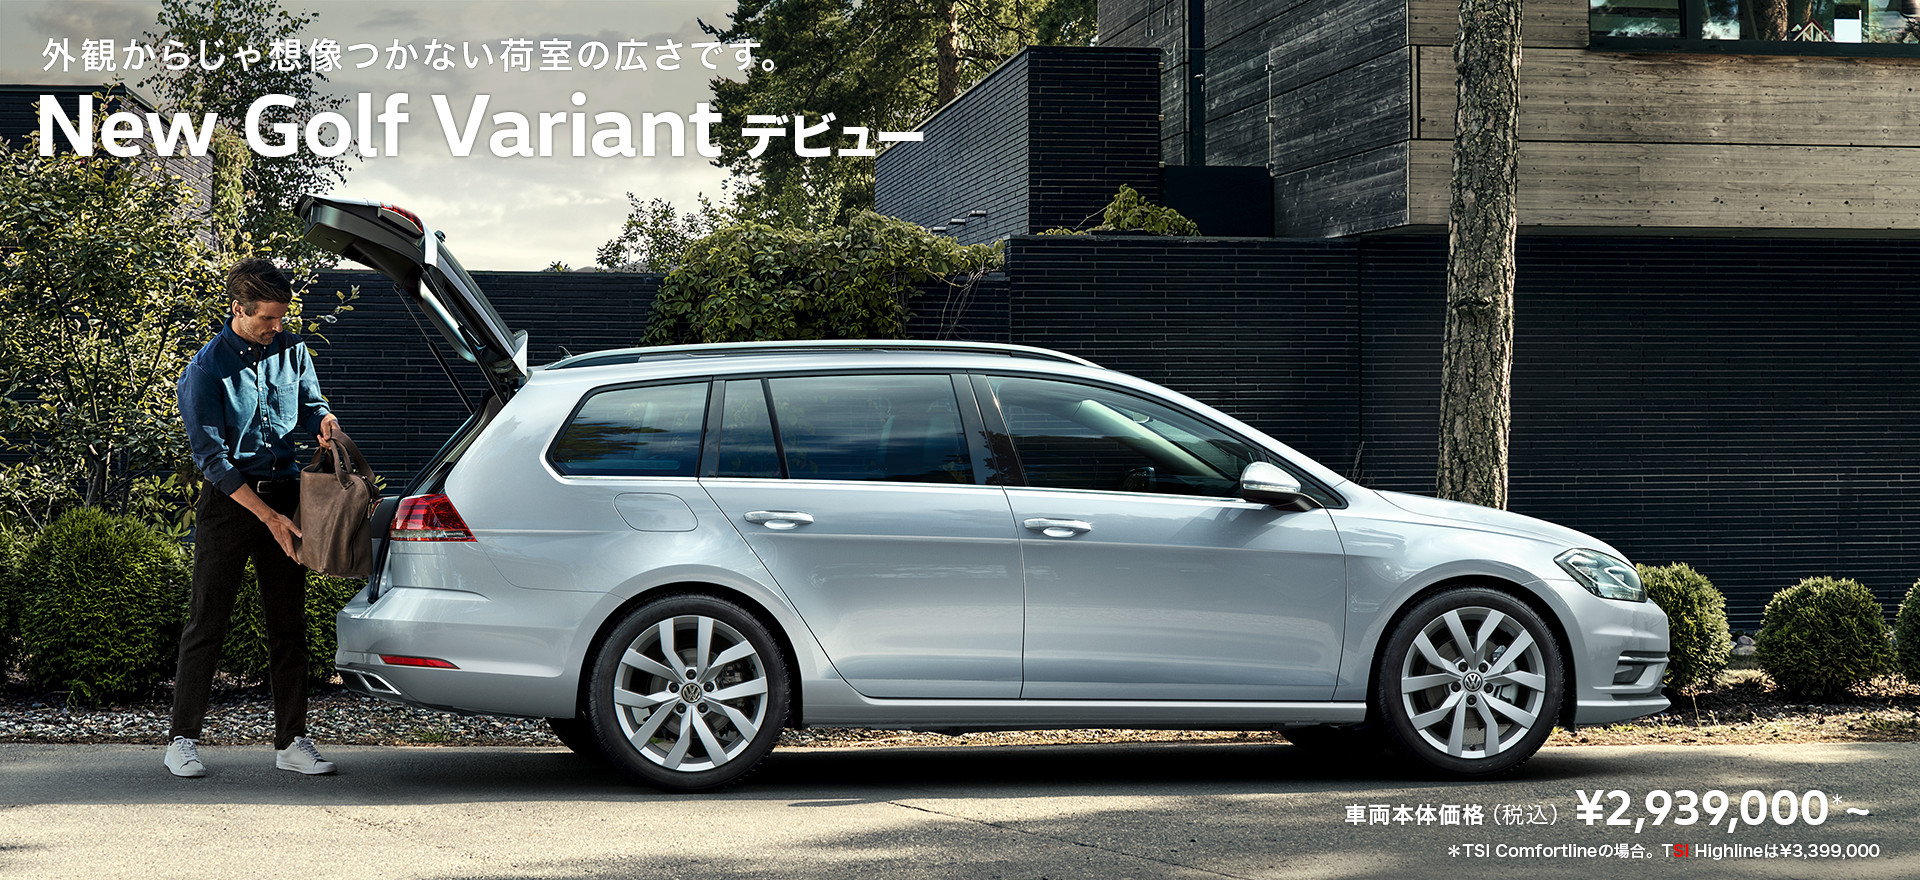 VW新型ゴルフ ヴァリアント2017-2